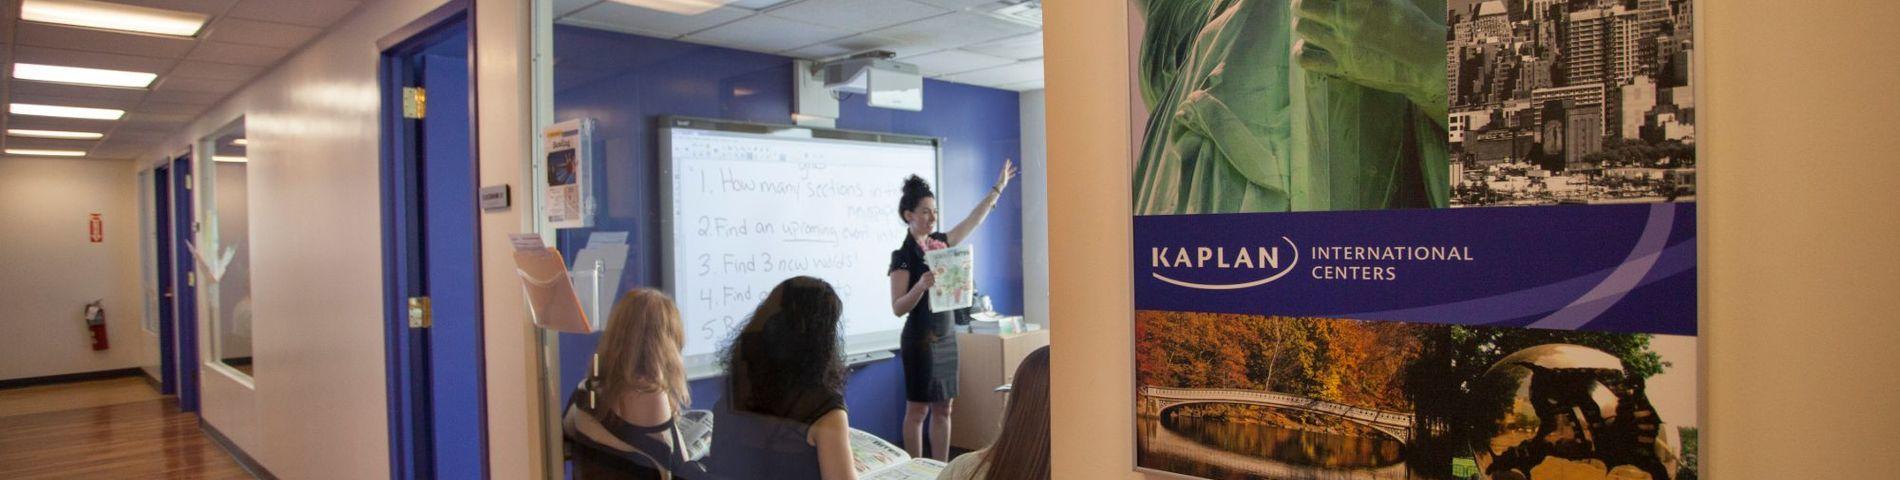 Kaplan International Languages resim 1